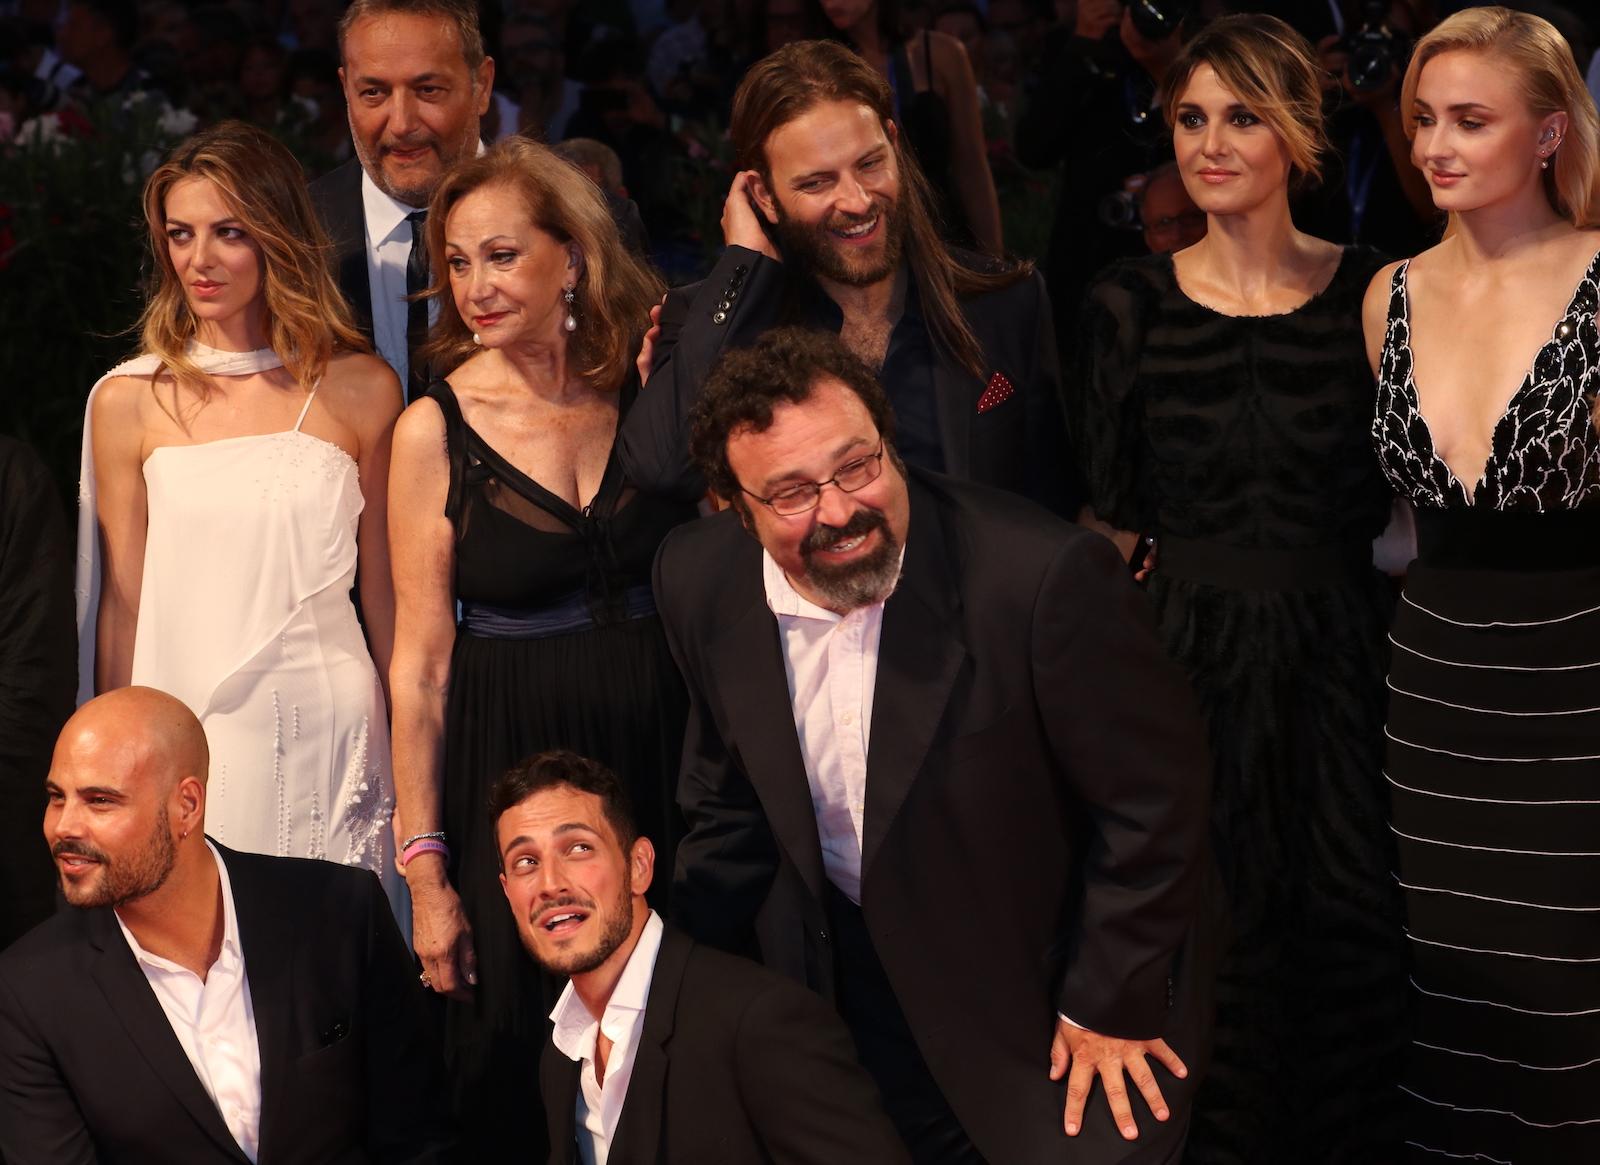 Venezia 2016: Alessandro Borghi, Marco D'amore, Paola Cortellesi, Sophie Turner sul red carpet del premio Persol